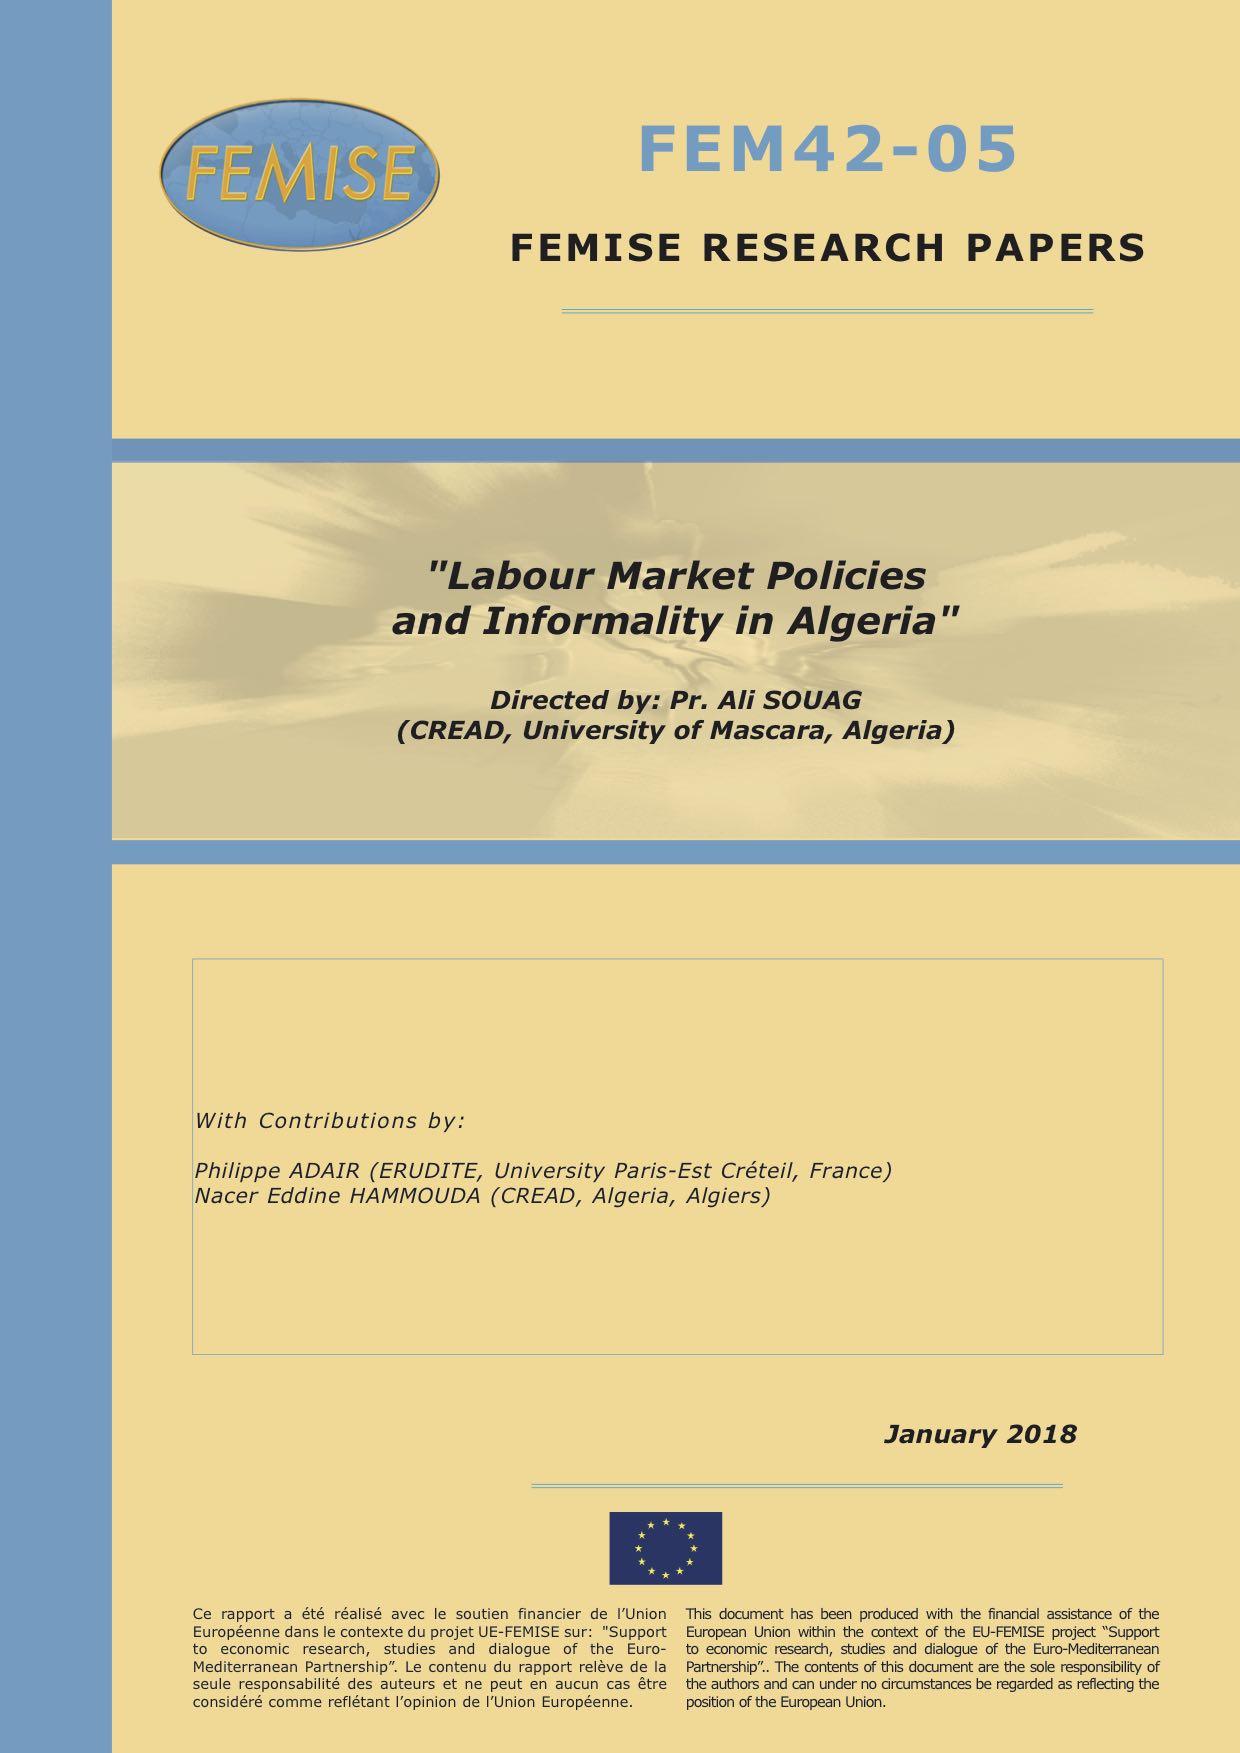 Politiques Du Marche Du Travail Et Informalite En Algerie Femise